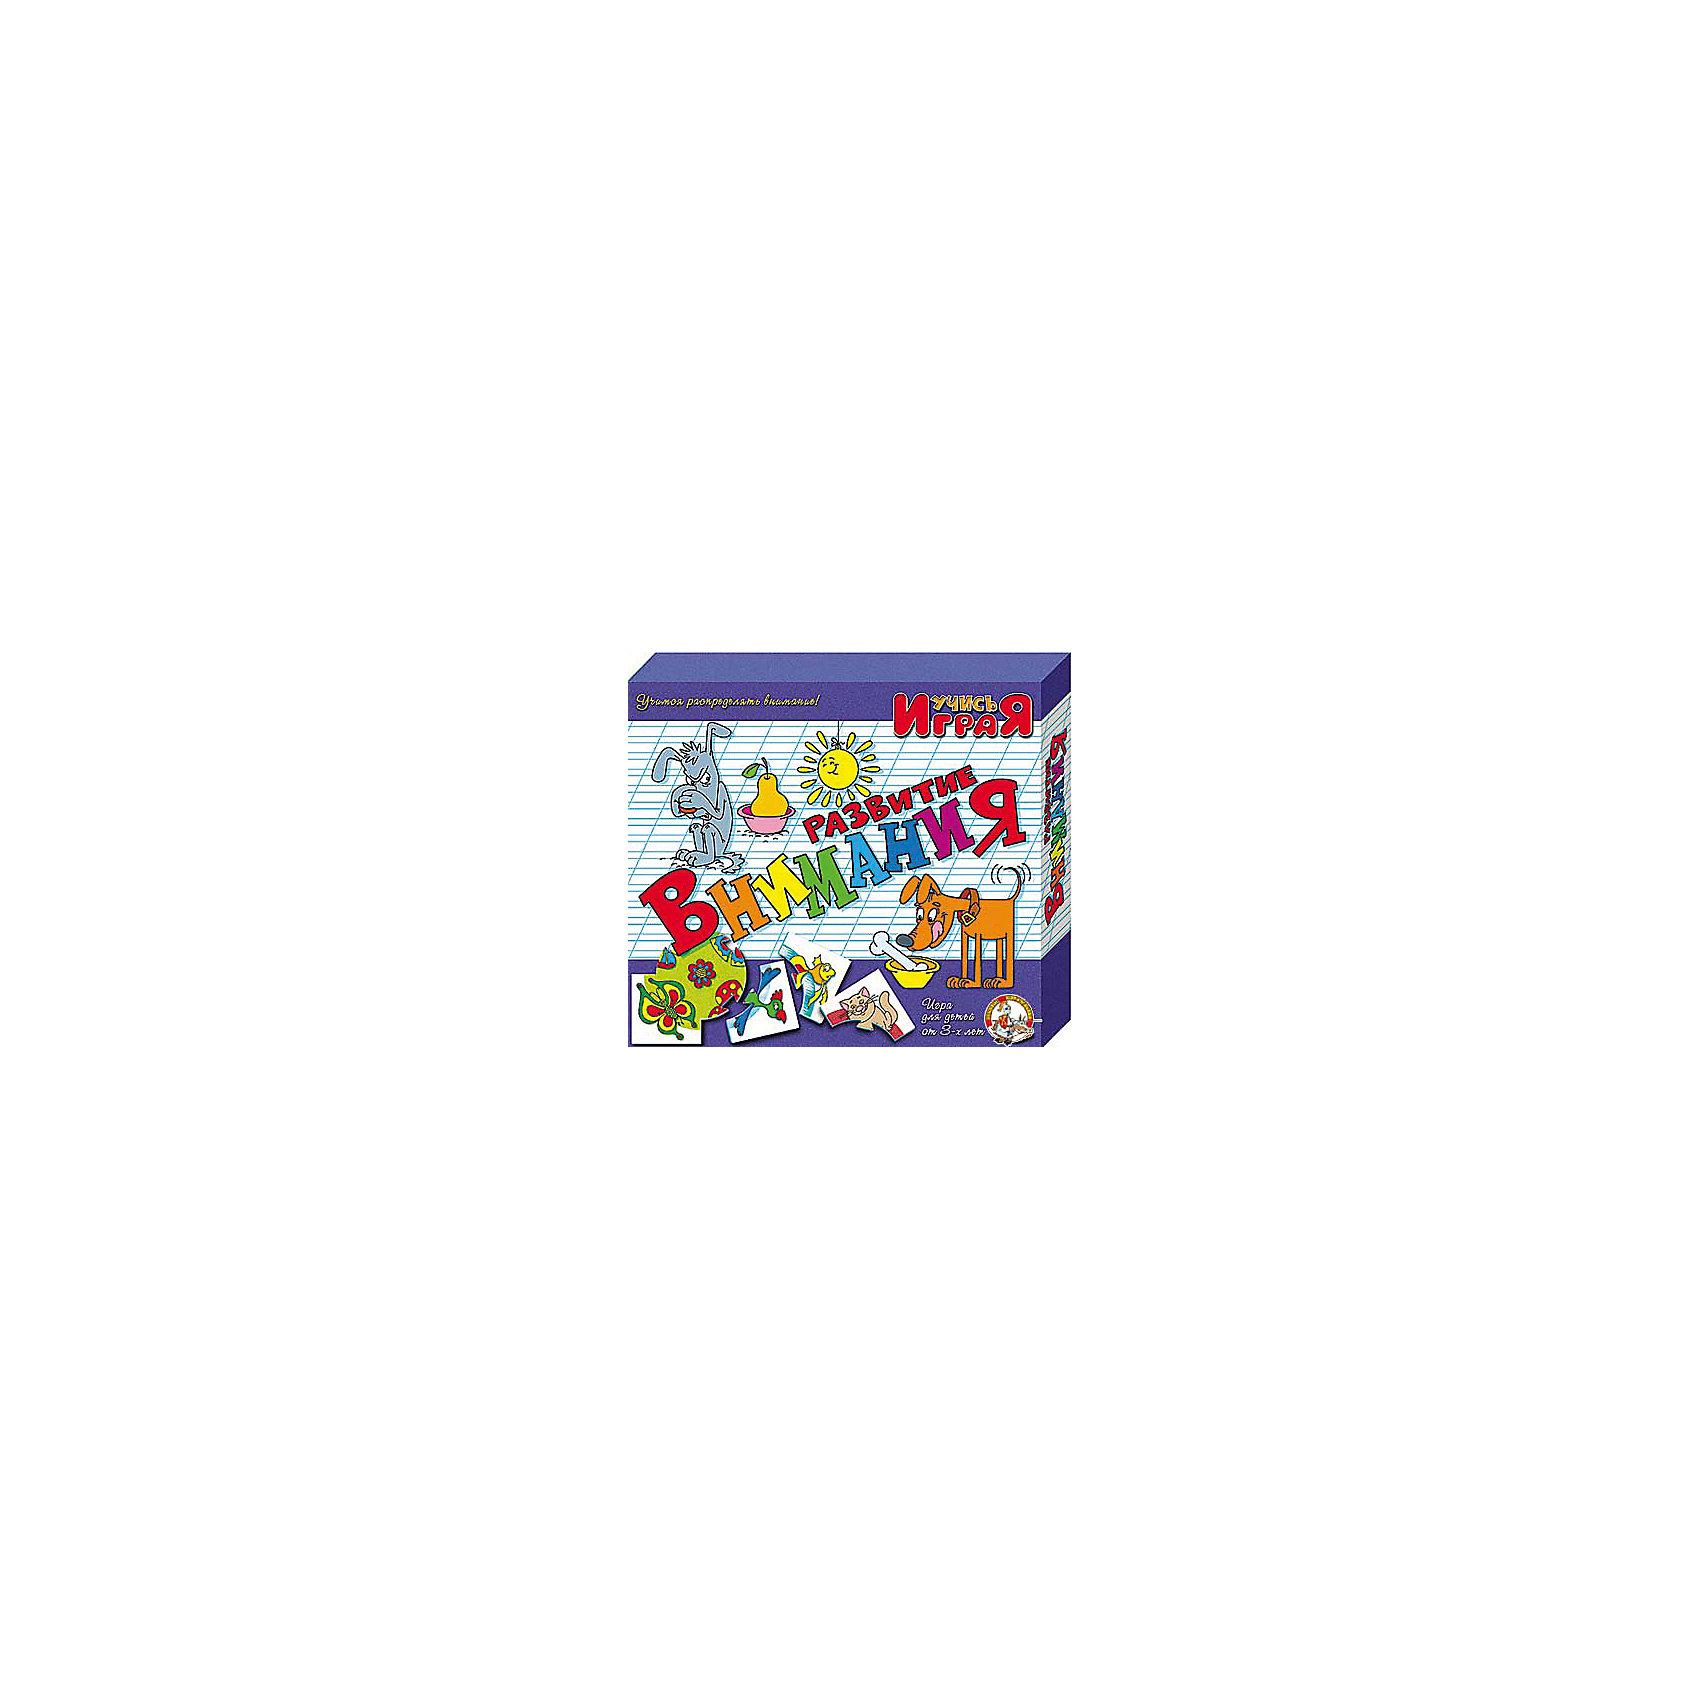 Игра обучающая  Развитие внимания, Десятое королевствоОкружающий мир<br>Игра обучающая Развитие внимания, Десятое королевство<br><br>Характеристики:<br><br>• Возраст: от 3 лет<br>• Количество игроков: от 1 до 10<br>• В комплекте: 10 карточек заданий, 4 карточки с ответами<br><br>В этой увлекательной обучающей игре могут участвовать одновременно от 1 до 10 детей! В наборе содержатся 10 карточек-заданий, на которых изображены рисунки по теме «внимание». К каждой необходимо найти 4 карточки-ответа, чтобы дополнить их содержание. В процессе игры дети учатся правильно реагировать на какие-либо ситуации, узнают что такое спереди, сзади, в, от, к и из, развивают логическое мышление и память, работают над мелкой моторикой и расширяют свои знания и представления об окружающем мире.<br><br>Игра обучающая Развитие внимания, Десятое королевство можно купить в нашем интернет-магазине.<br><br>Ширина мм: 200<br>Глубина мм: 175<br>Высота мм: 35<br>Вес г: 240<br>Возраст от месяцев: 84<br>Возраст до месяцев: 2147483647<br>Пол: Унисекс<br>Возраст: Детский<br>SKU: 5471675